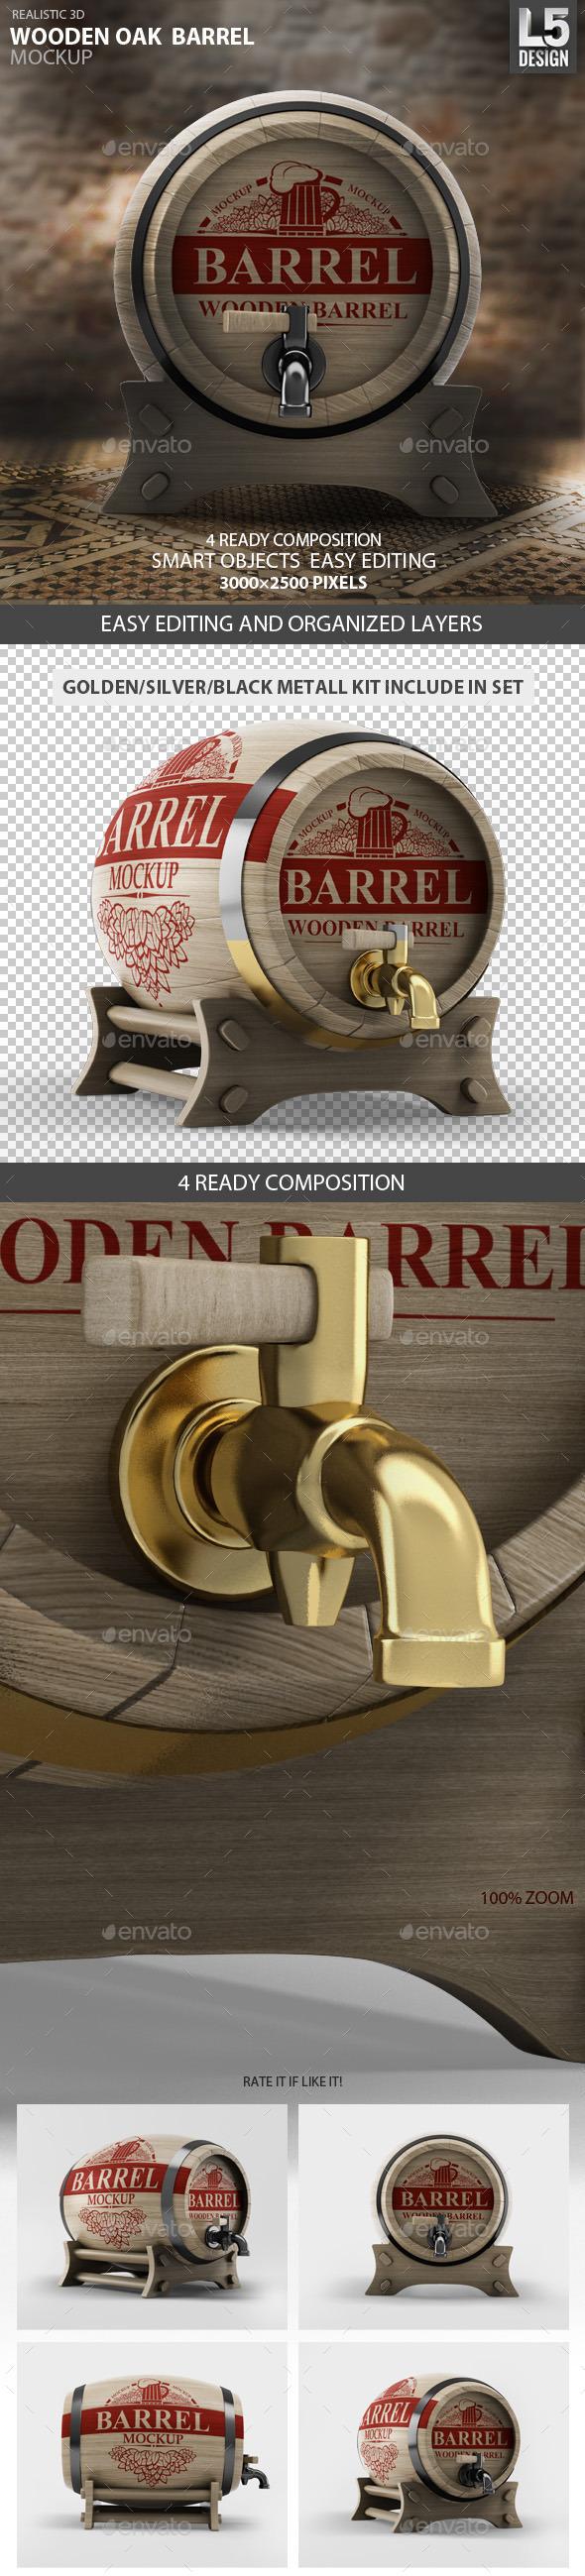 GraphicRiver Wooden Oak Barrel Mock-up 9250528